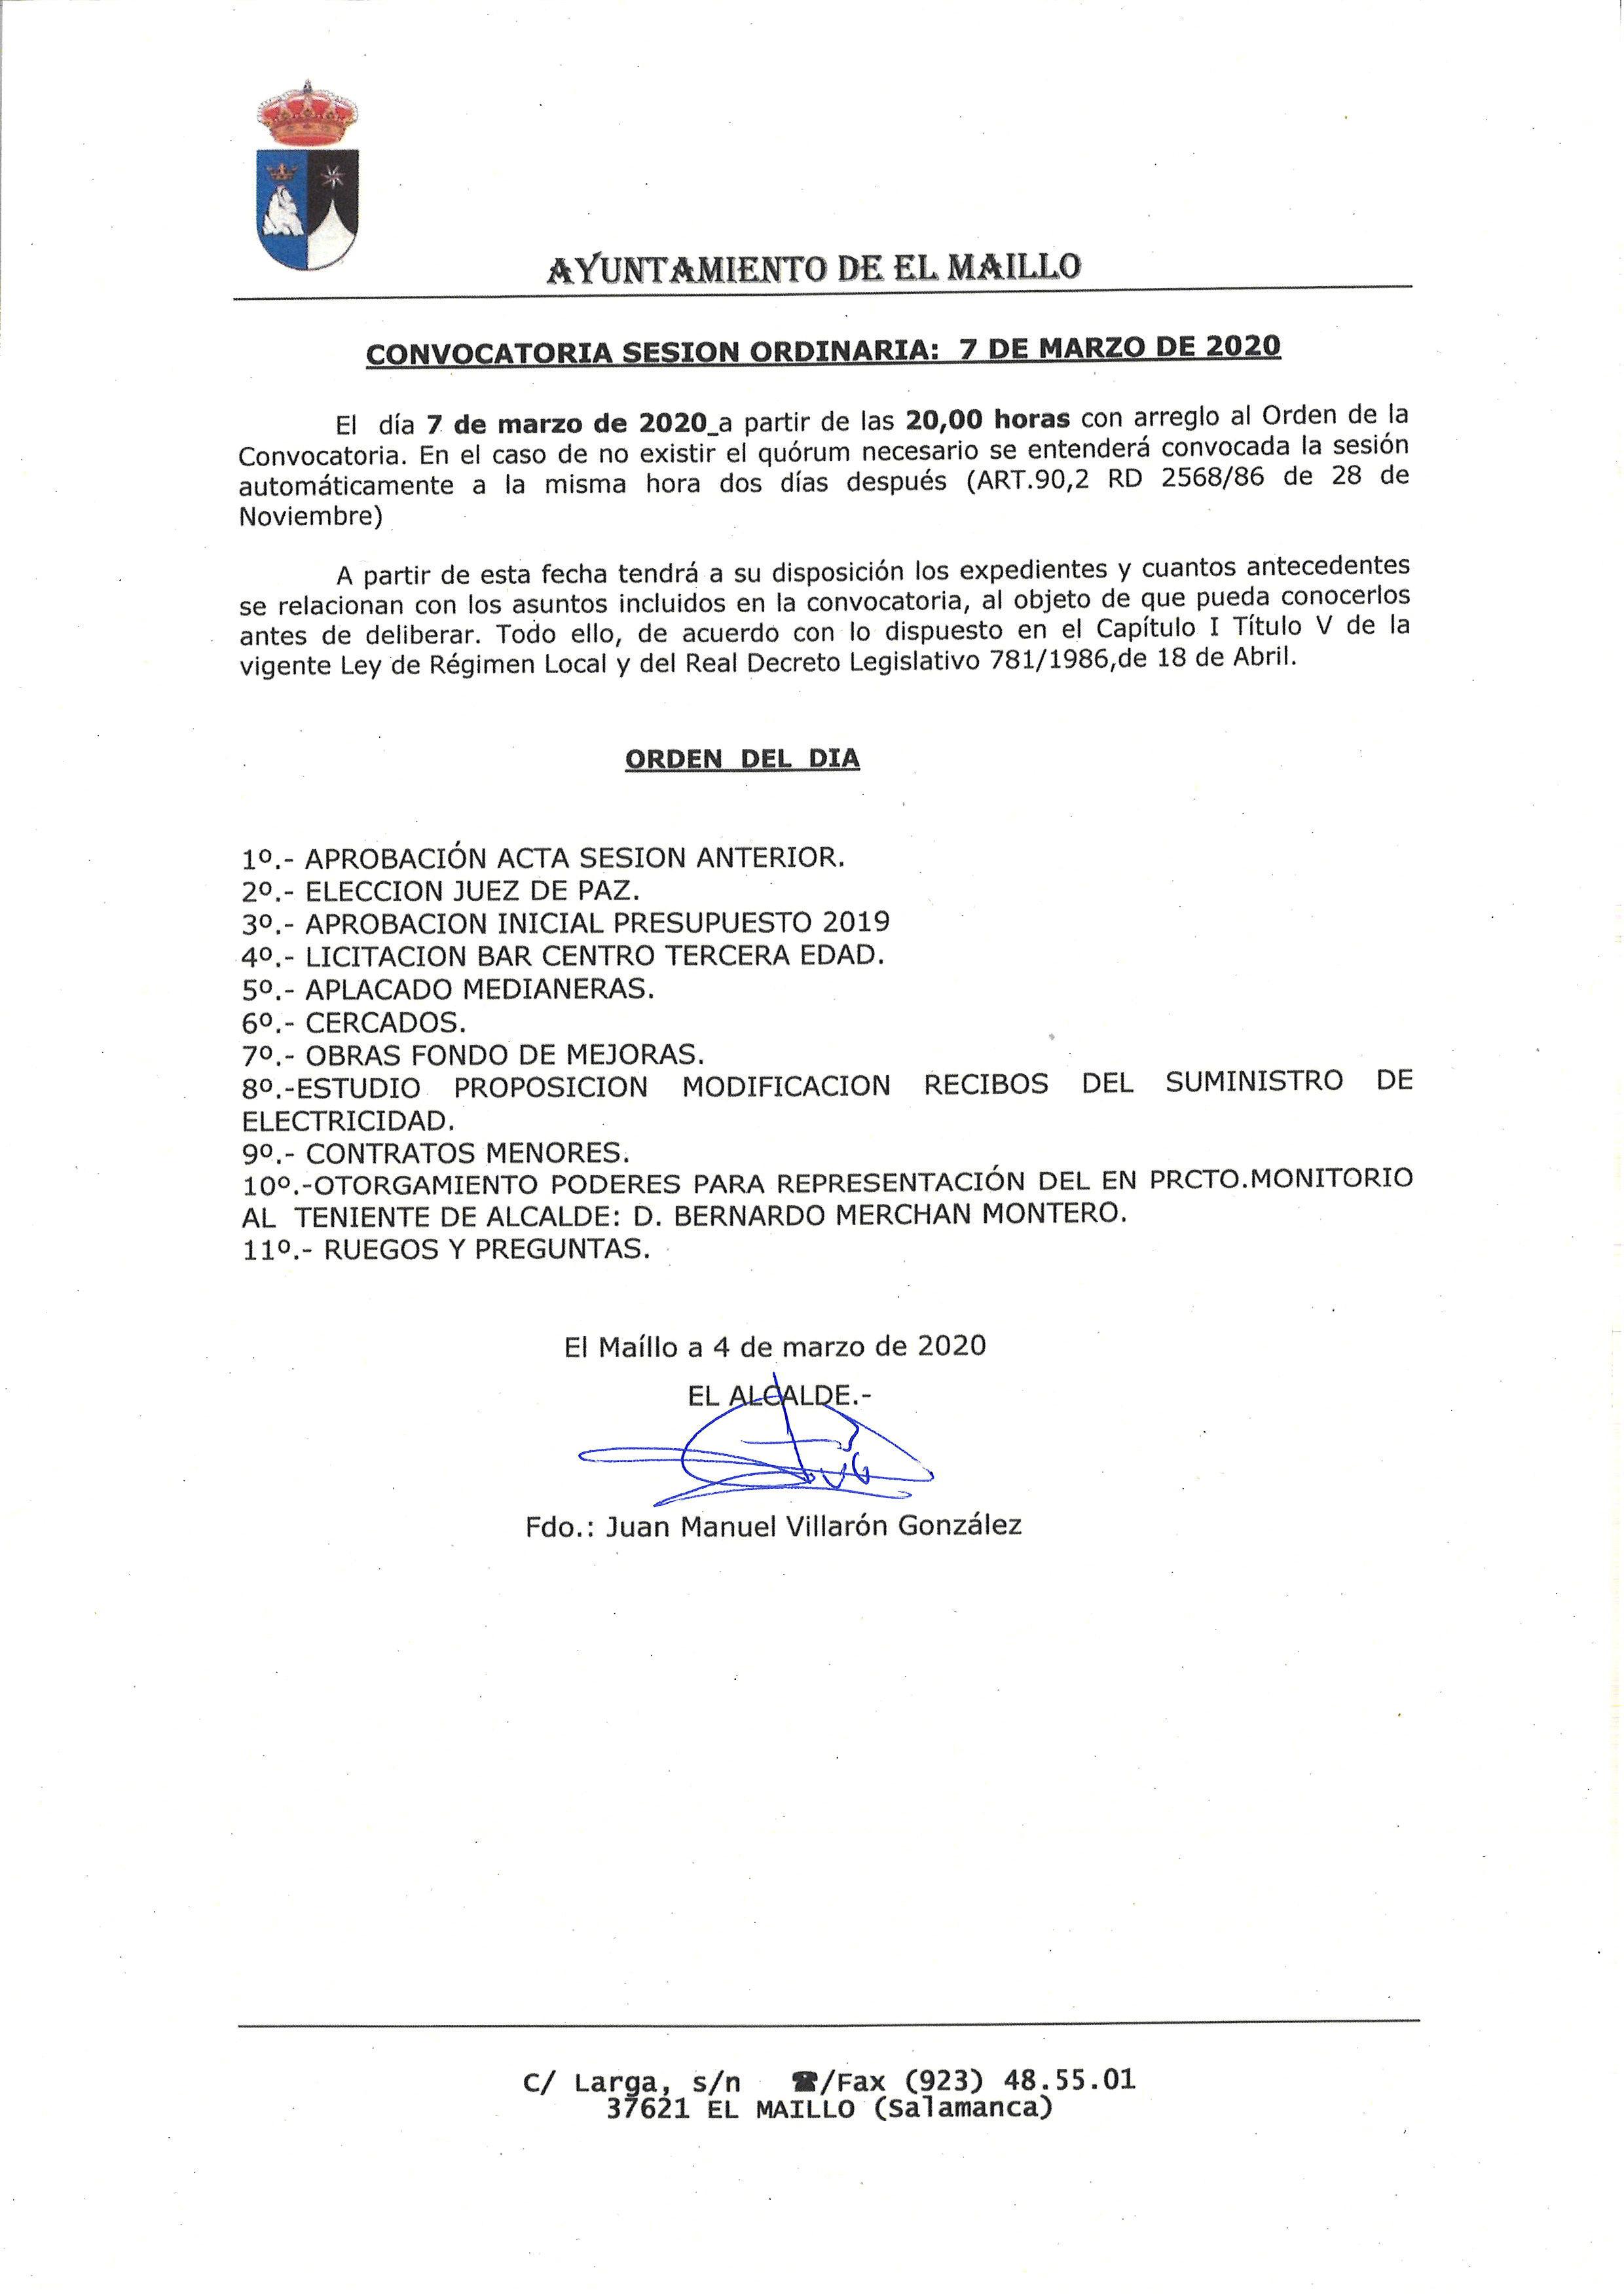 El Maillo convocatoria pleno 7 marzo 2020